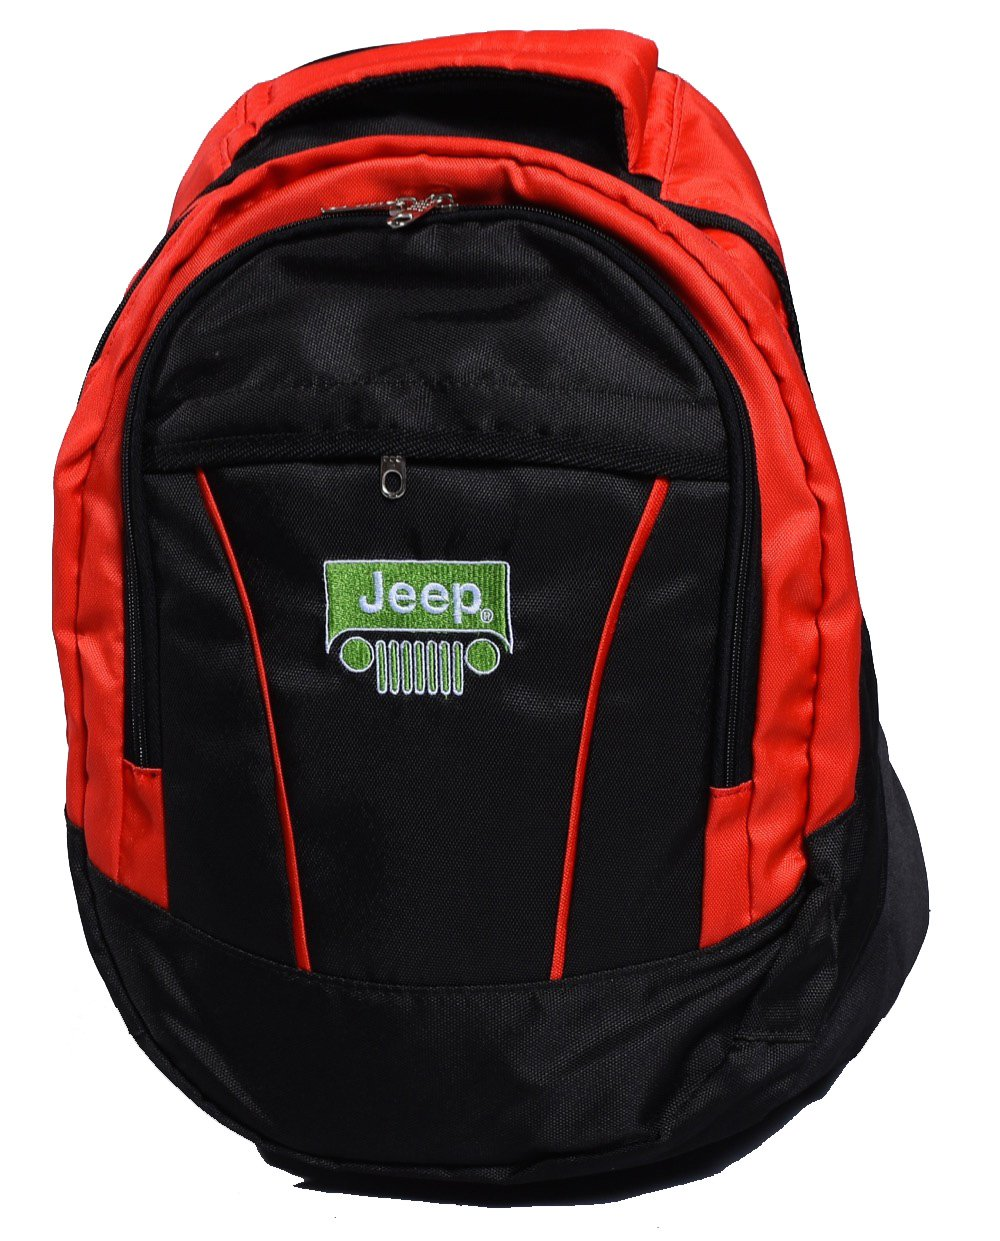 ジープロゴバックパックバッグユニセックスレジャースクールレジャーショルダー B01NBMP6DW